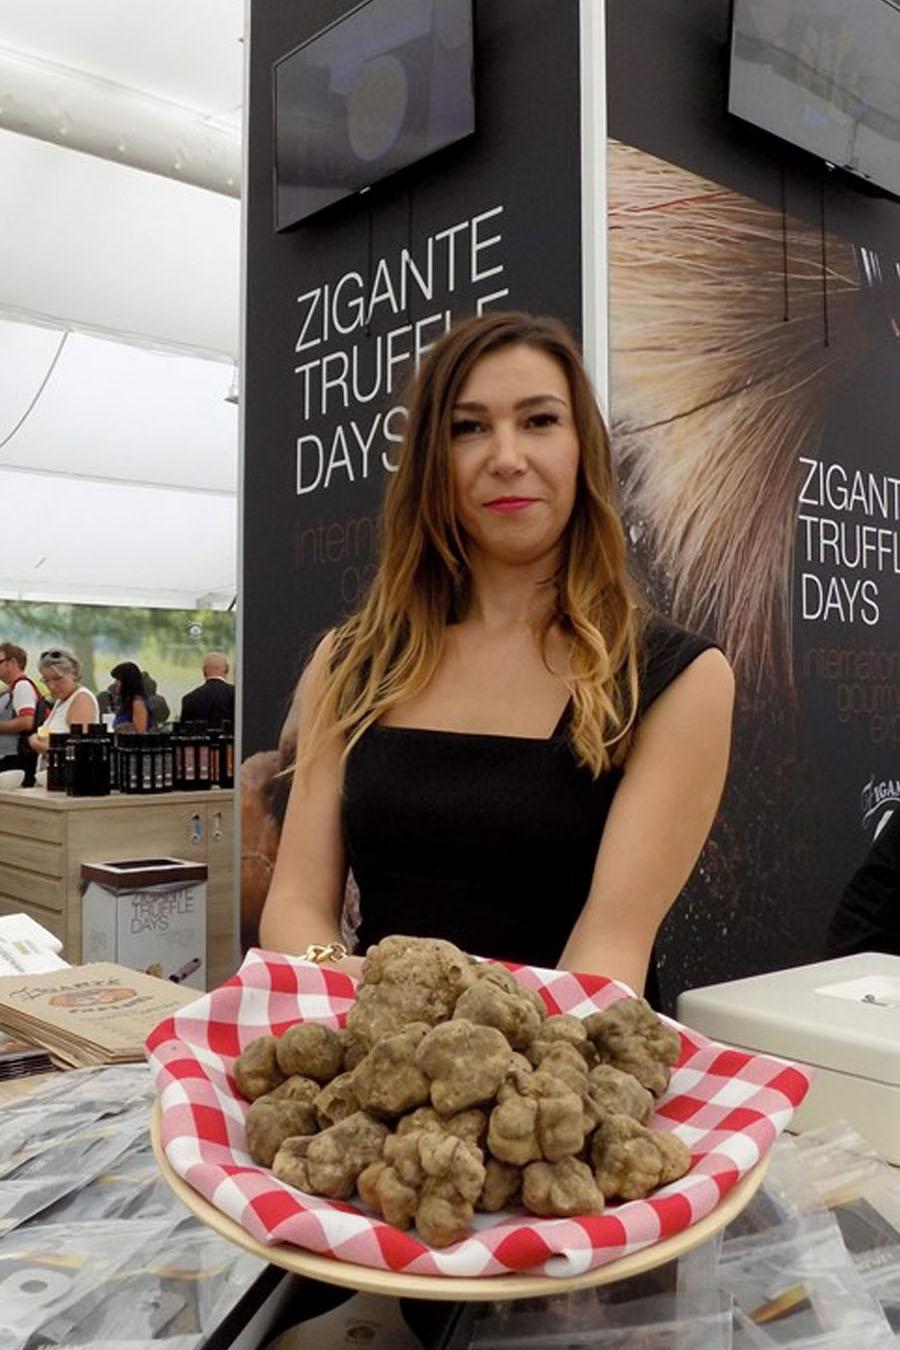 Zigante tartufi - sajam